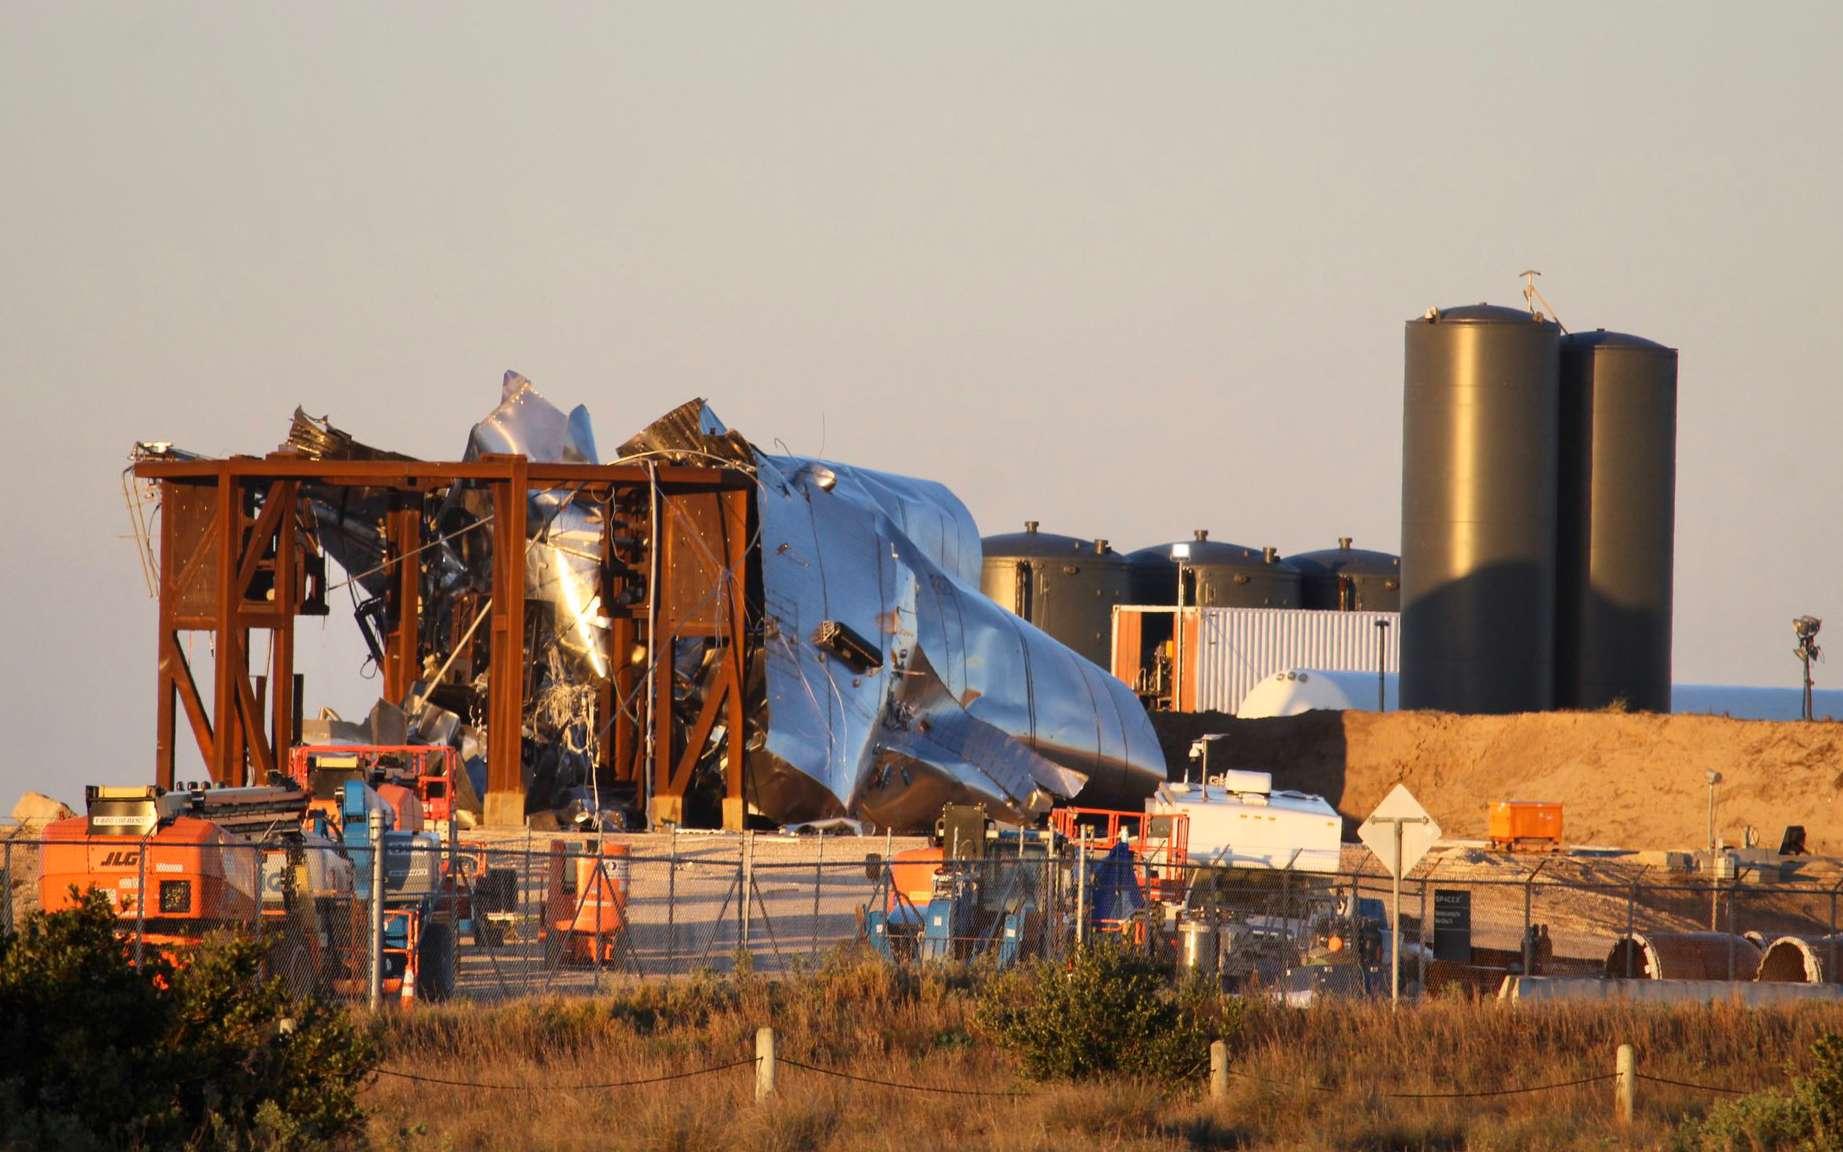 Explosion du prototype SN1 du Starship de SpaceX lors d'un test de pression (29 février 2020) sur le site de Boca Chica. © South Padre Island (http://spadre.com)